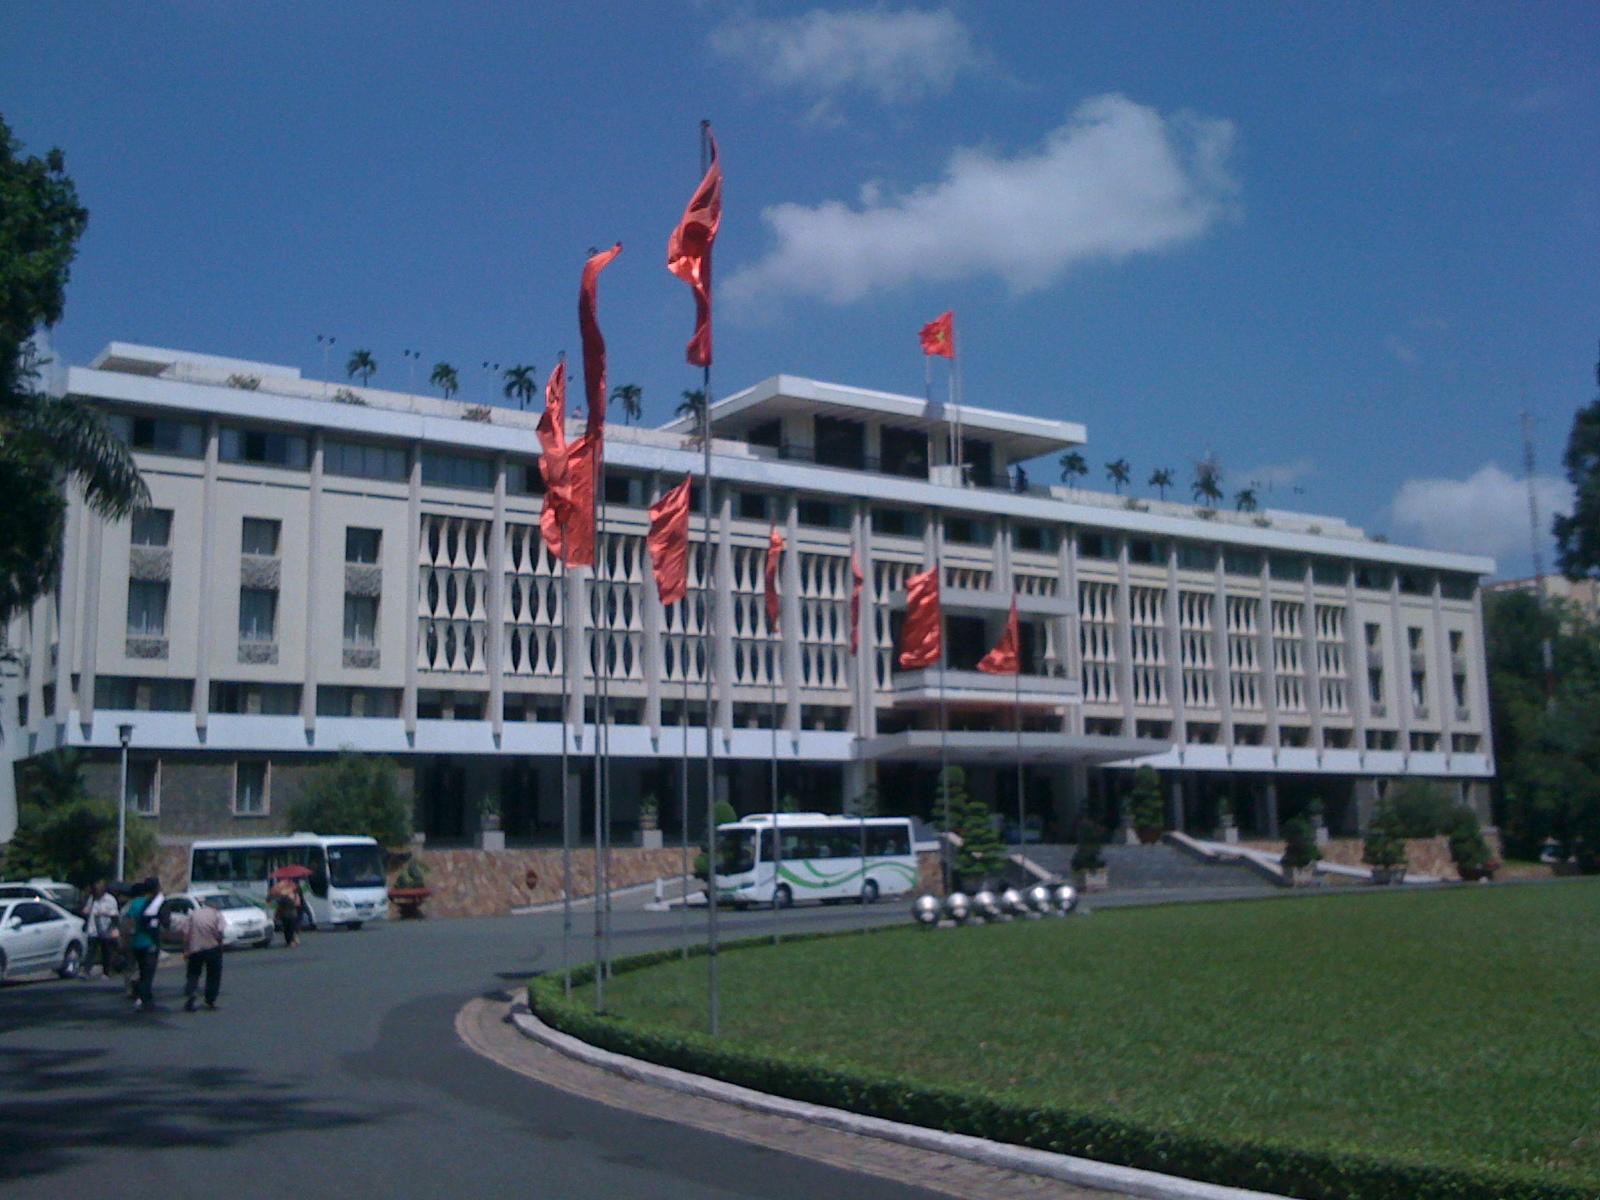 ベトナム戦争終結のシンボル・統一会堂(旧大統領官邸)